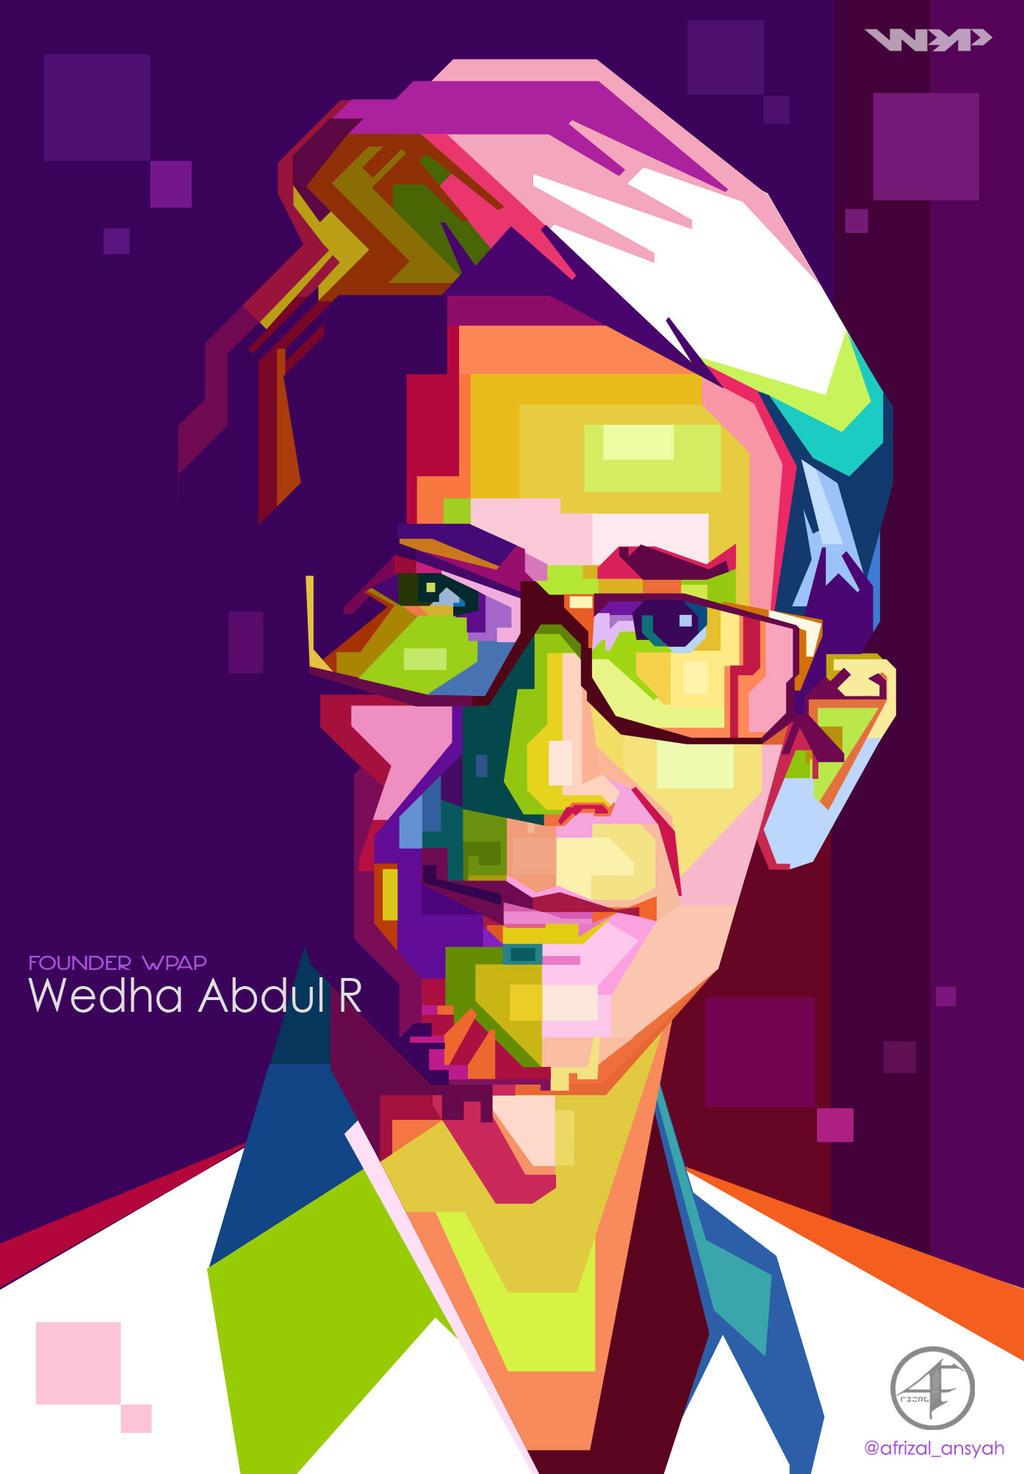 ... Wedha <b>Abdul Rasyid</b> Founder WPAP by Afrizal-ansyah - wedha_abdul_rasyid_founder_wpap_by_afrizal_ansyah-da1dayb